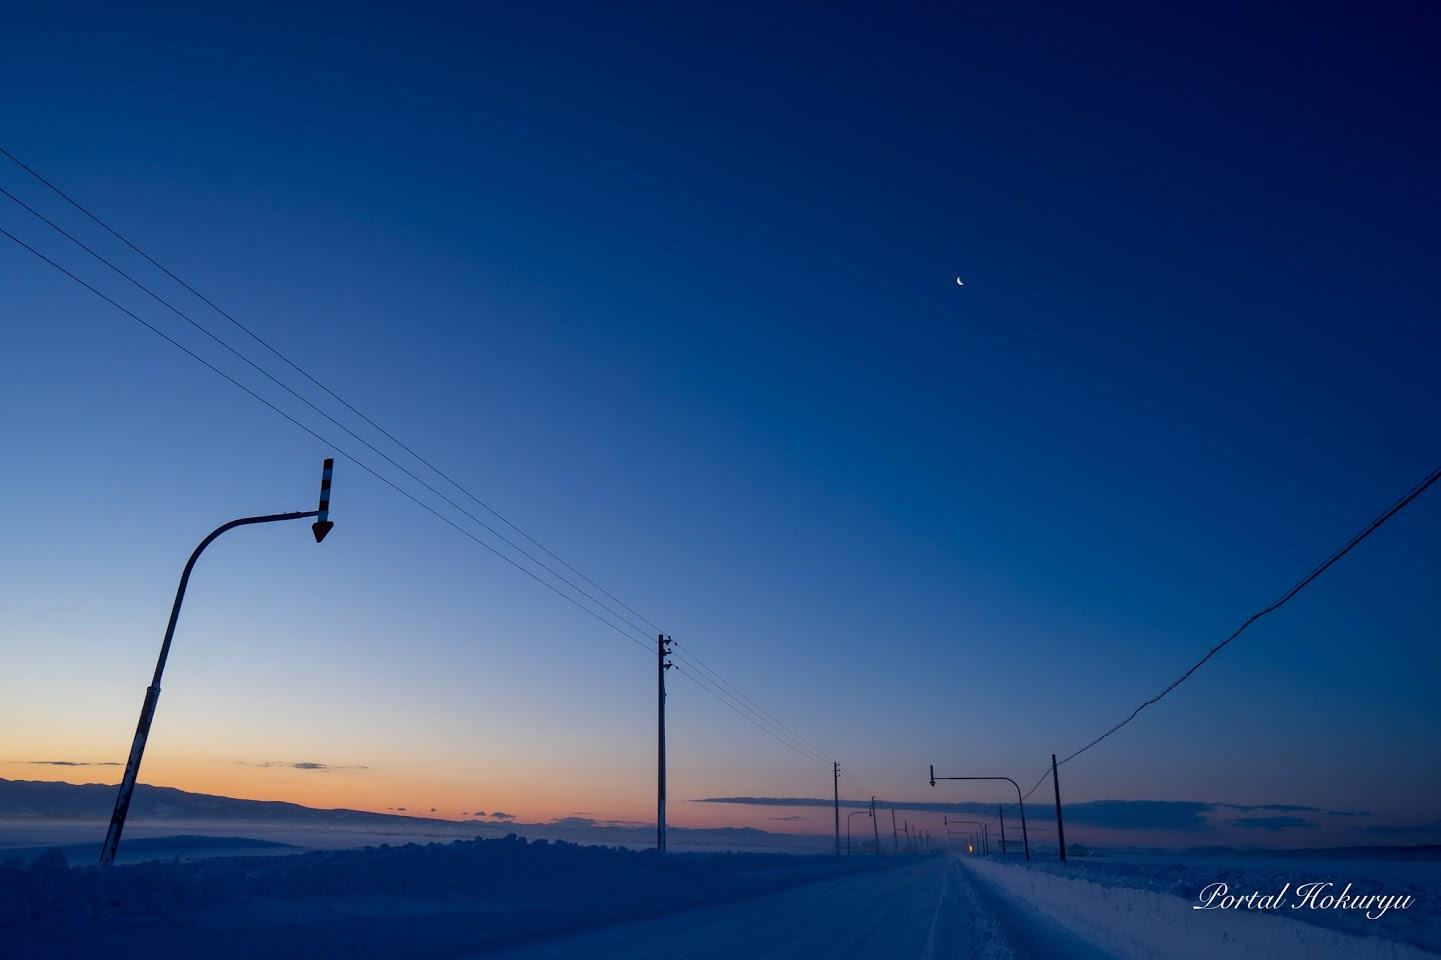 夜明け前のブルーモーメント